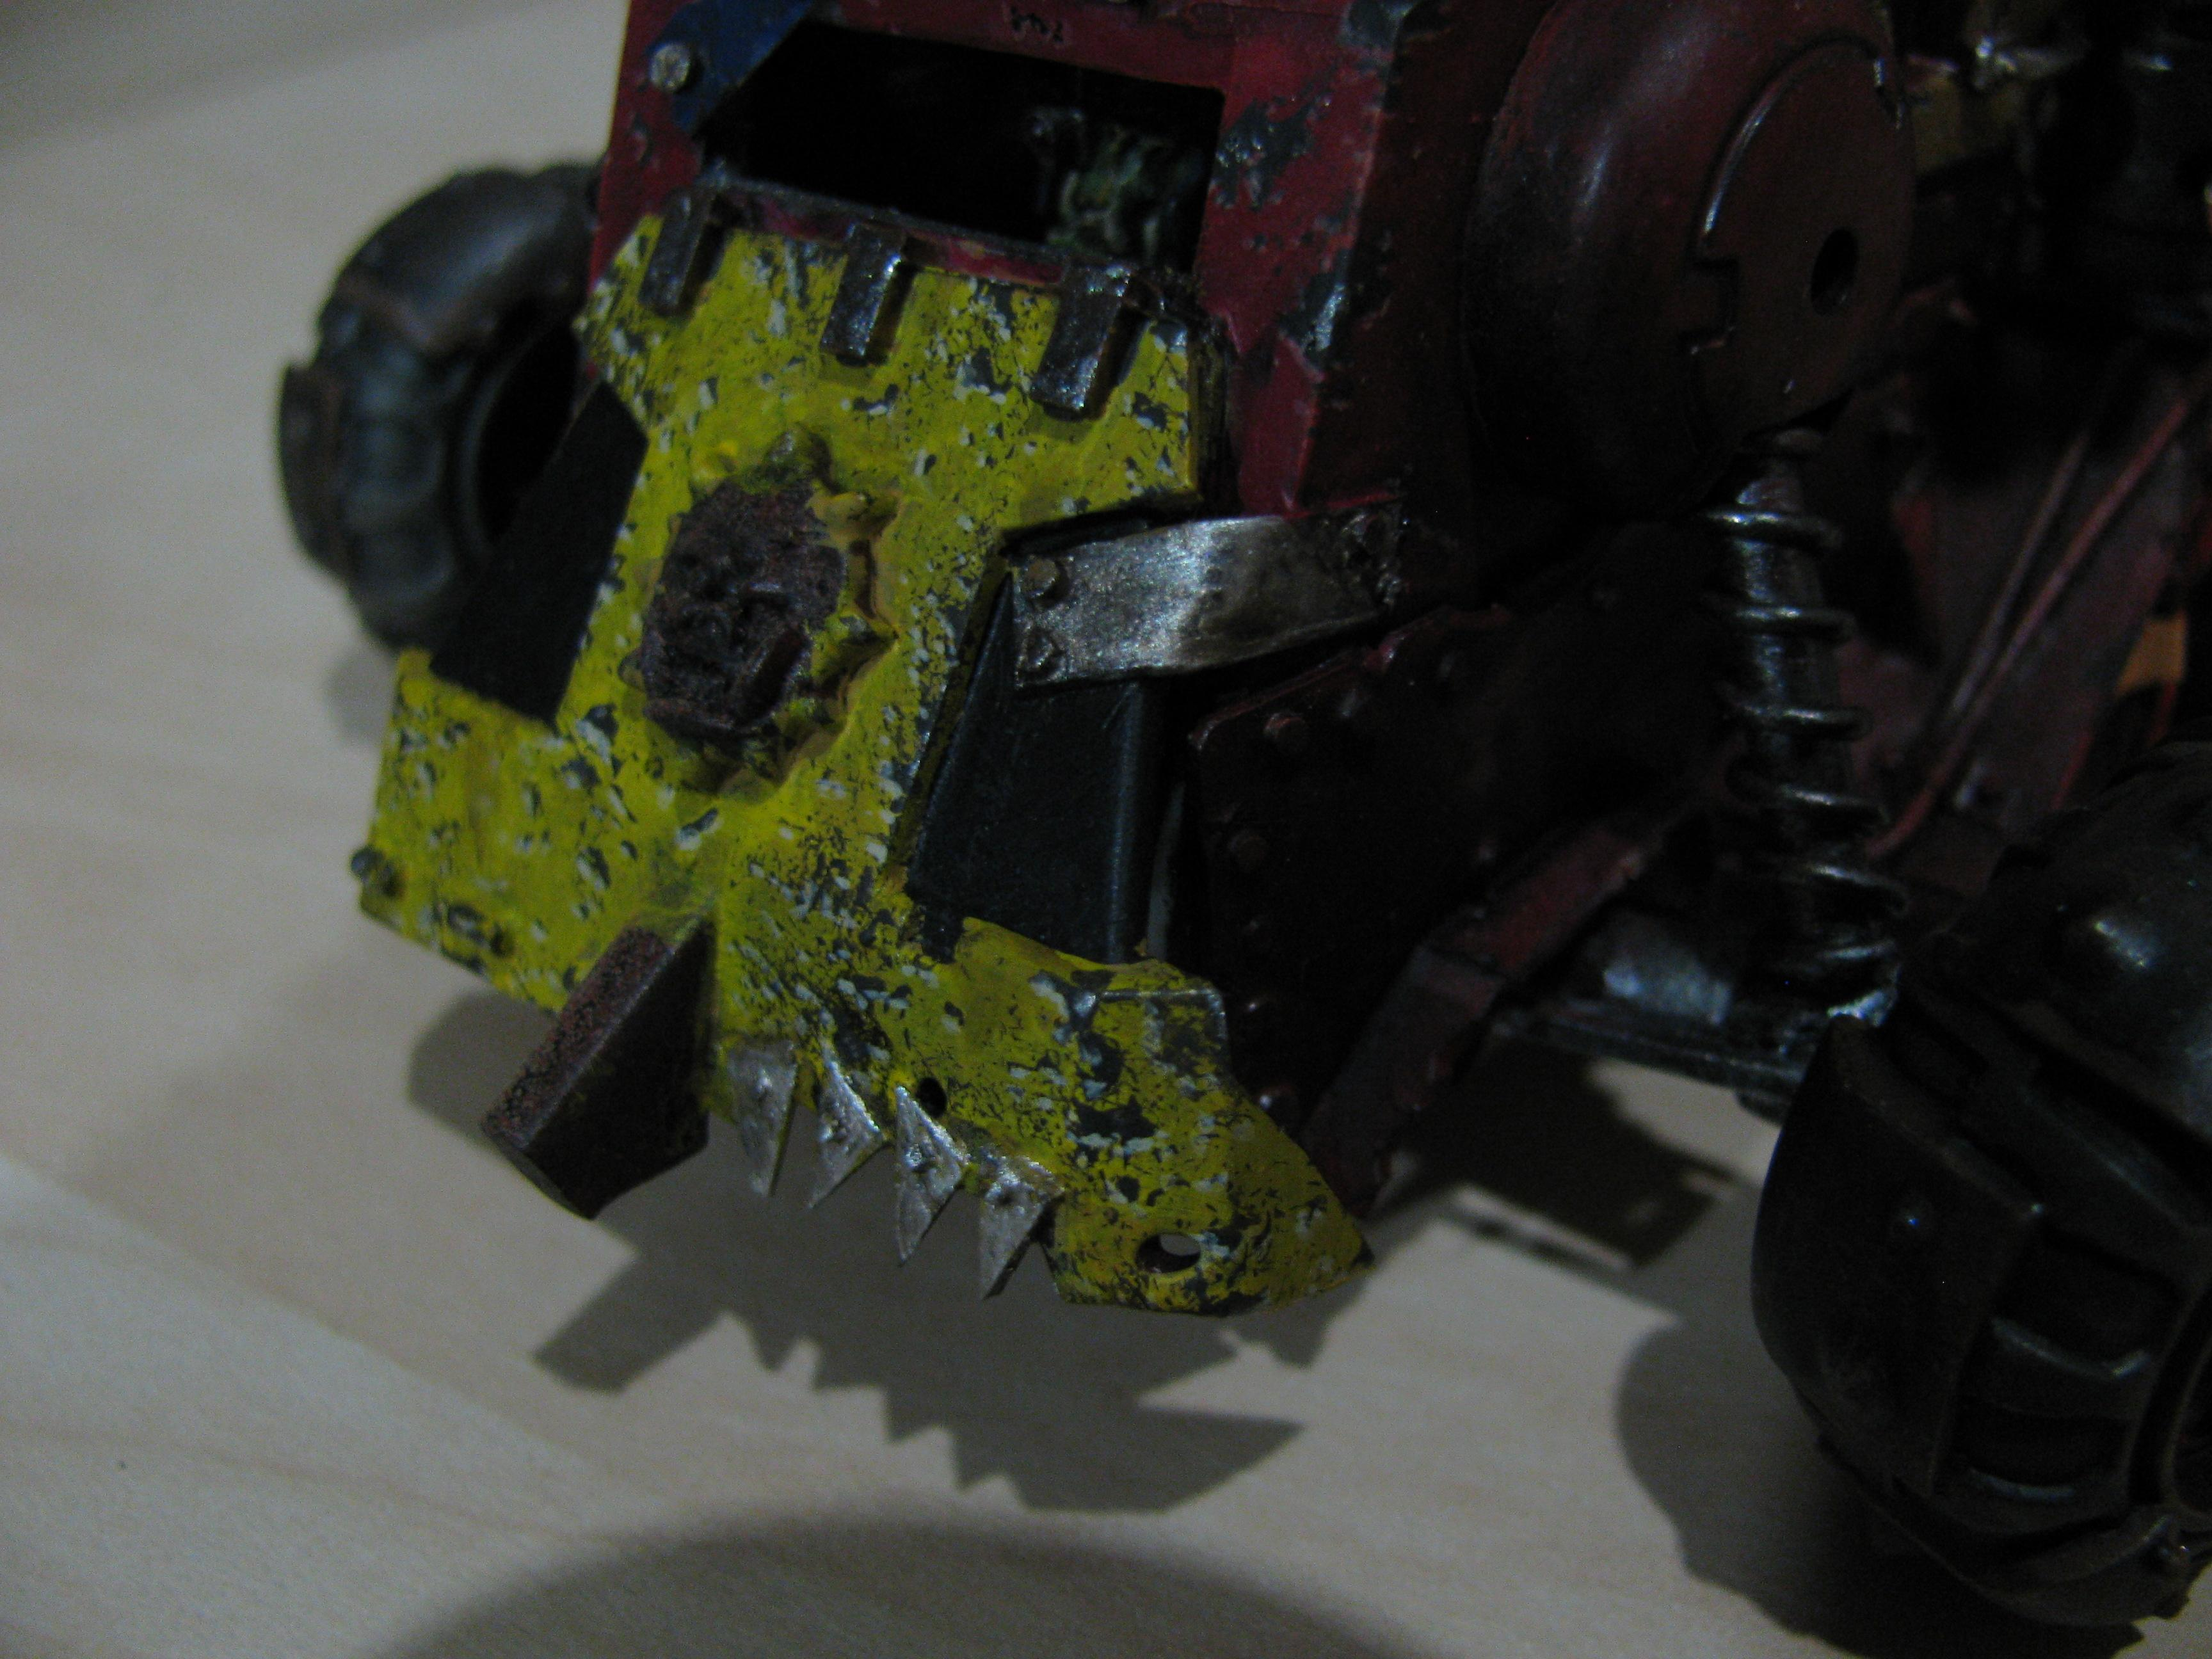 Conversion, Orks, Trukk, Warhammer 40,000